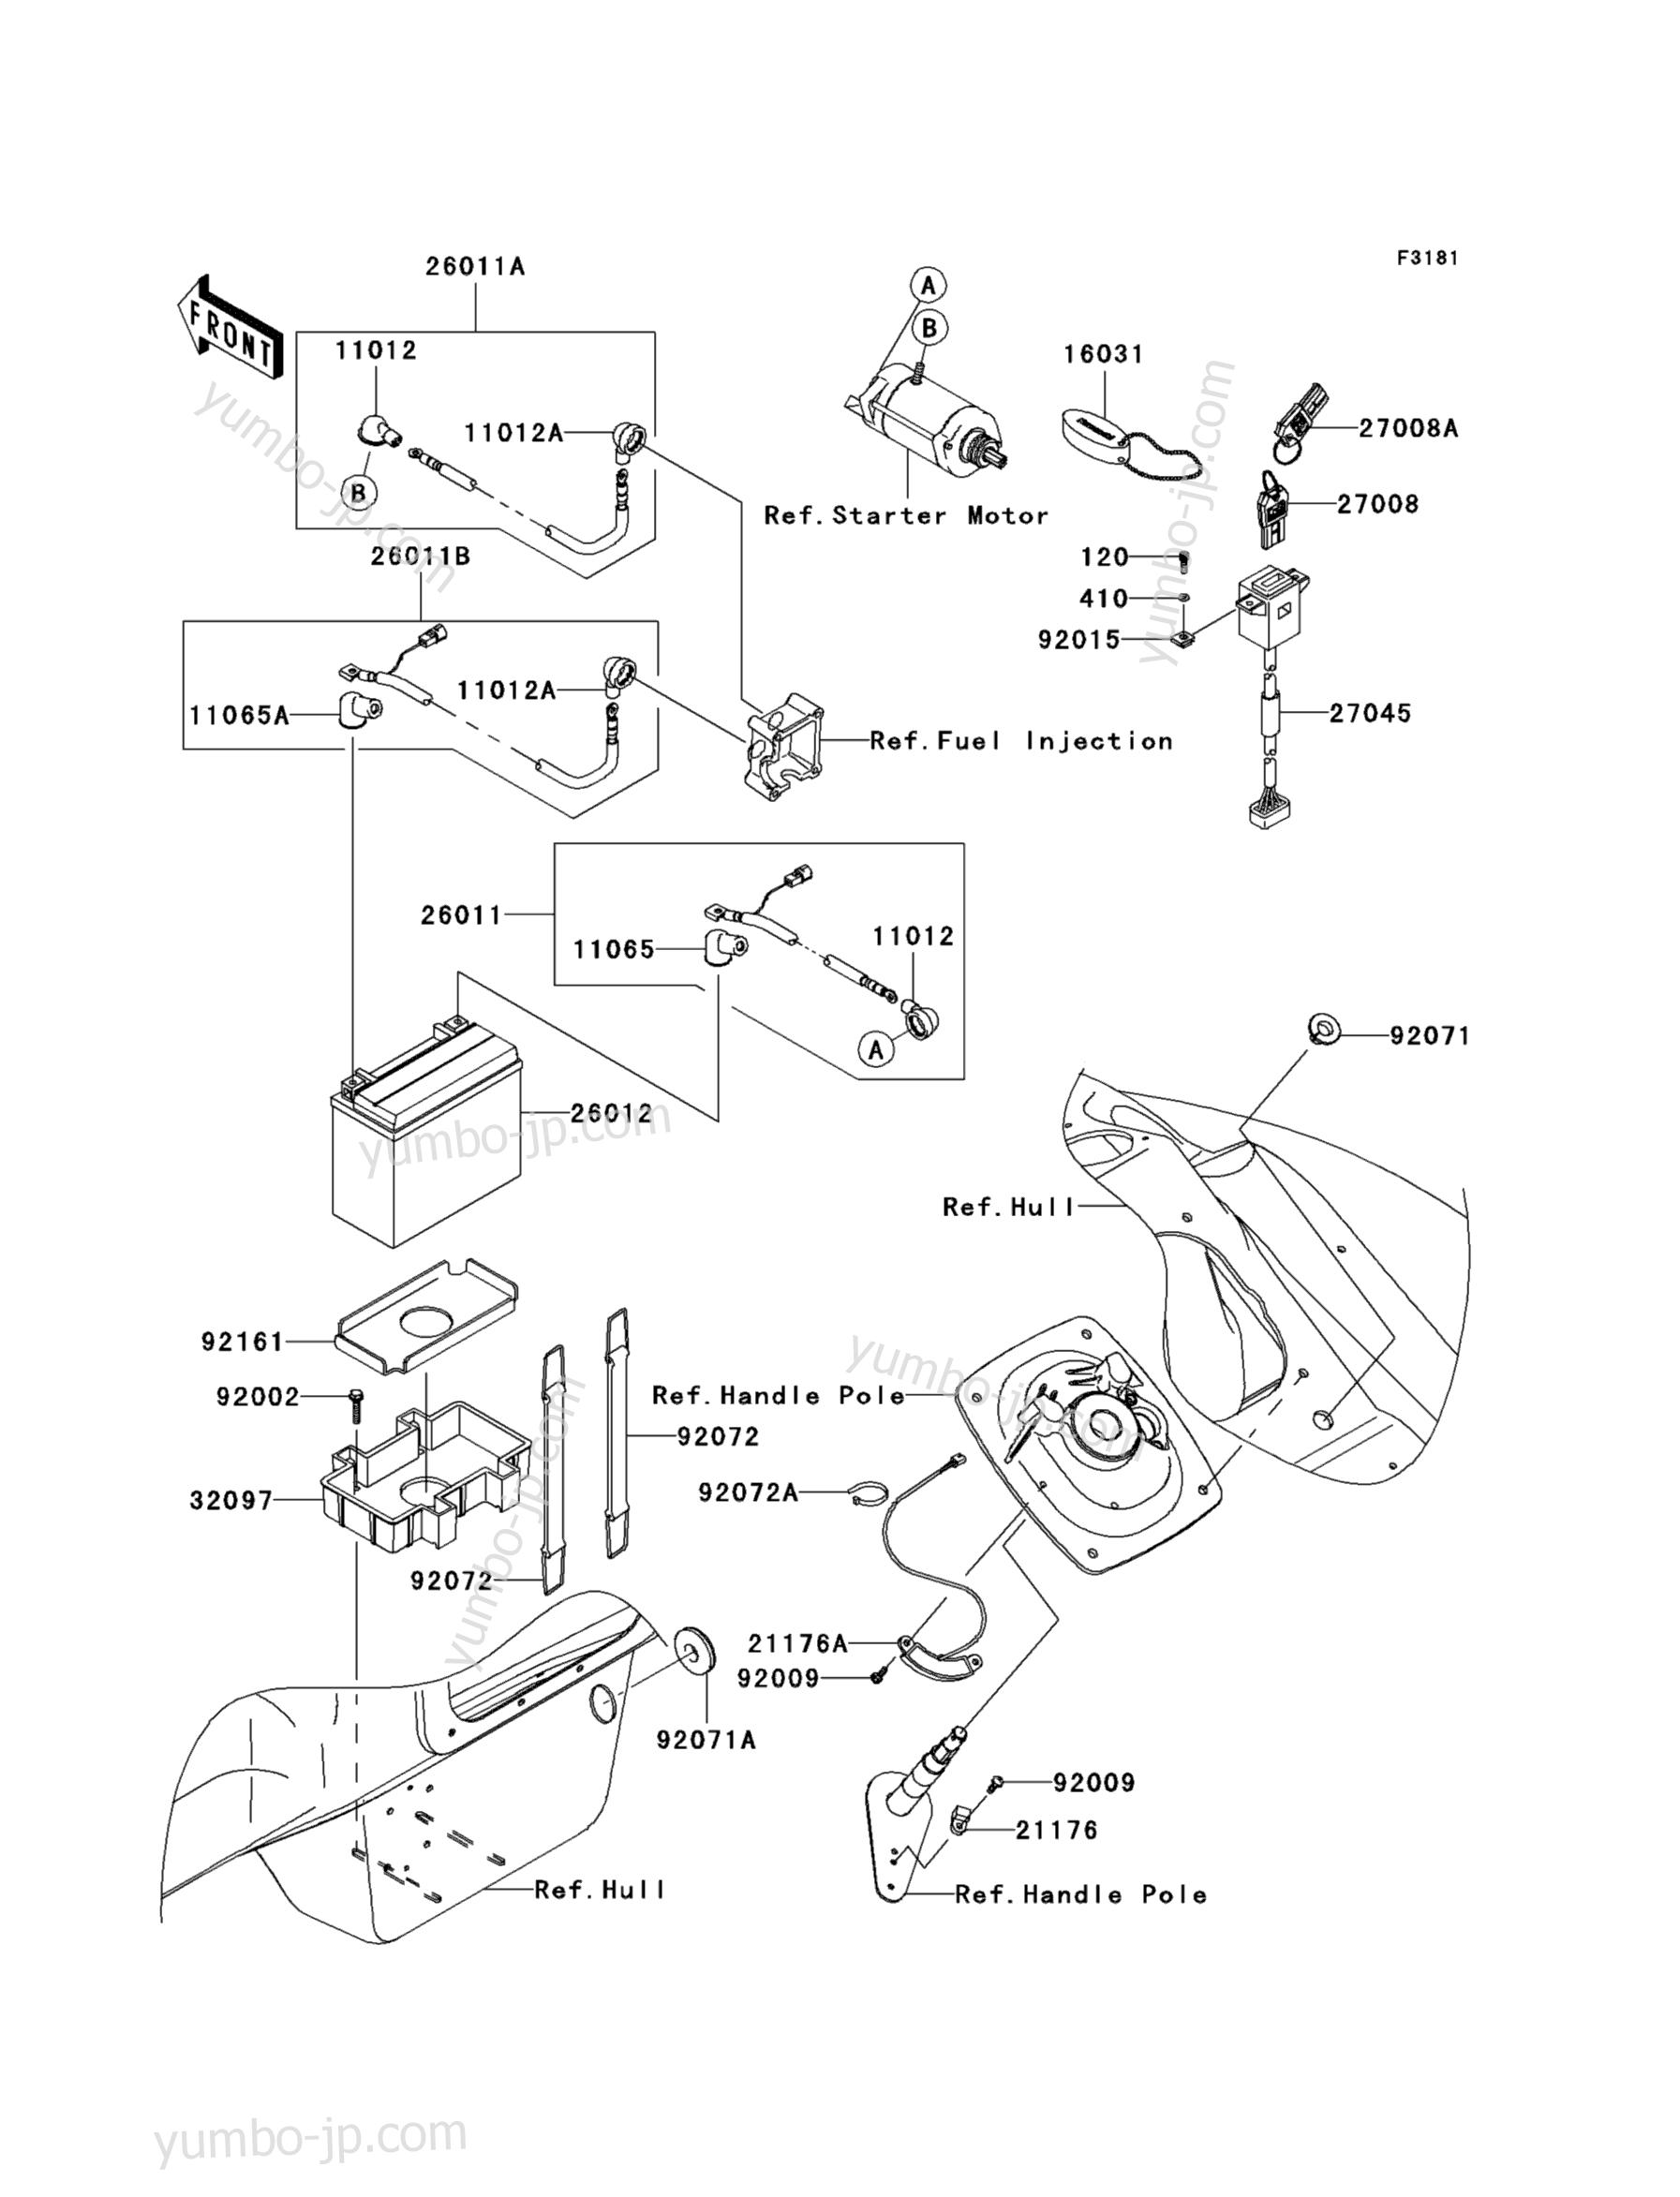 Electrical Equipment для гидроциклов KAWASAKI JET SKI ULTRA 260LX (JT1500F9F) 2009 г.